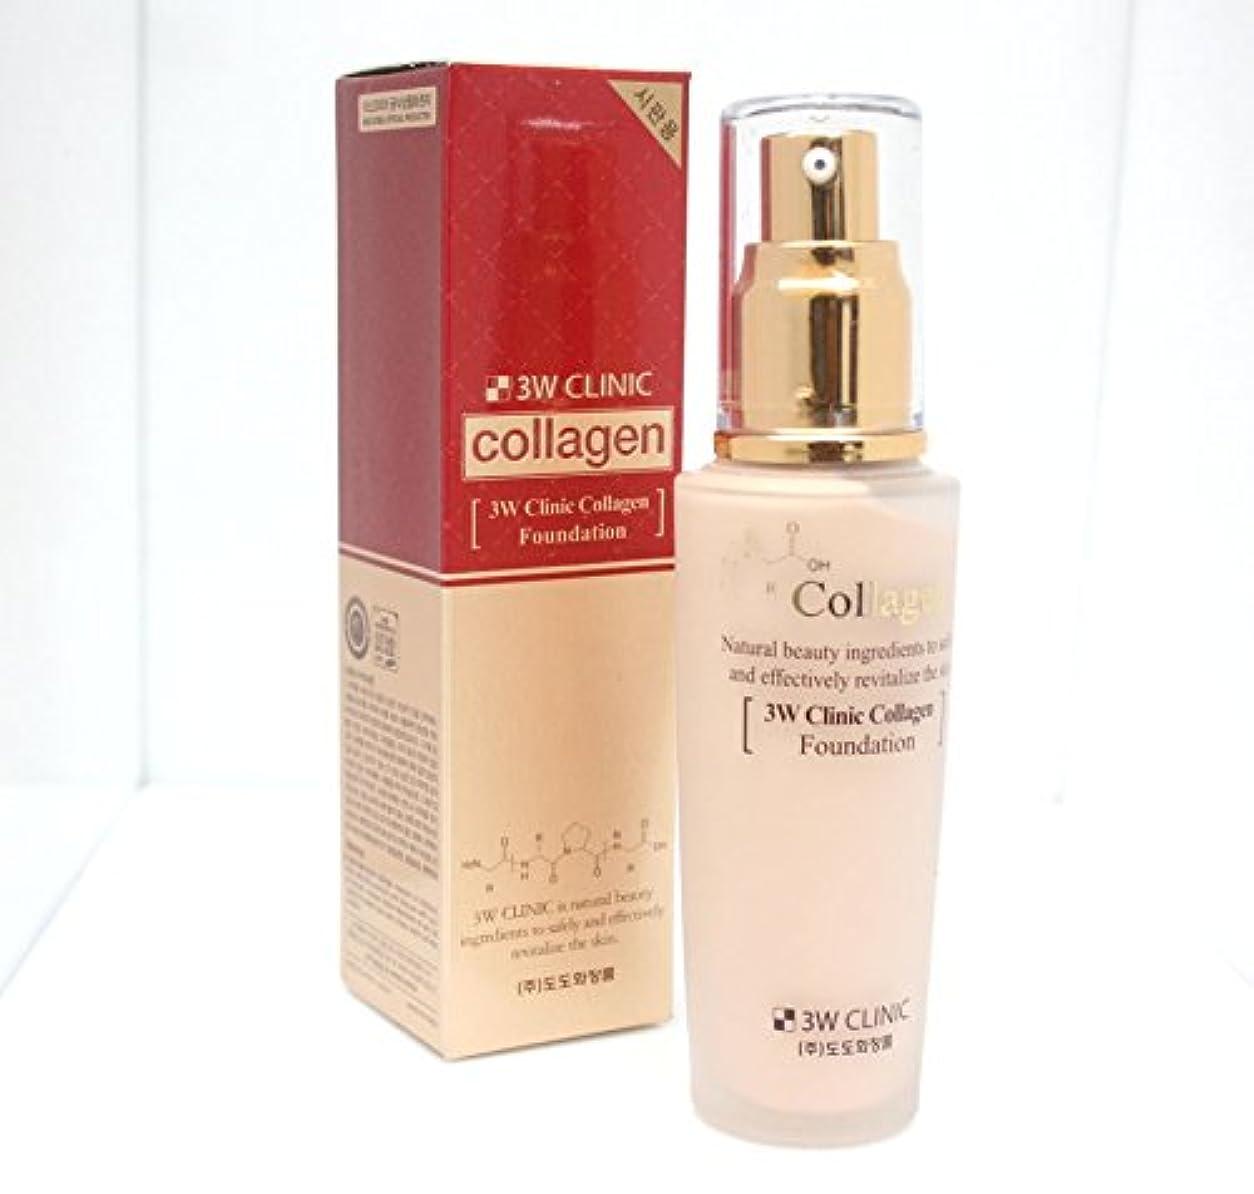 ムスまた明日ね勇気3Wクリニック[韓国コスメ3w Clinic]Collagen Foundation Perfect Cover Make-Up Base コラーゲンファンデーションパーフェクトカバーメイクアップベース50ml[並行輸入品] (23.ナチュラルベージュ)